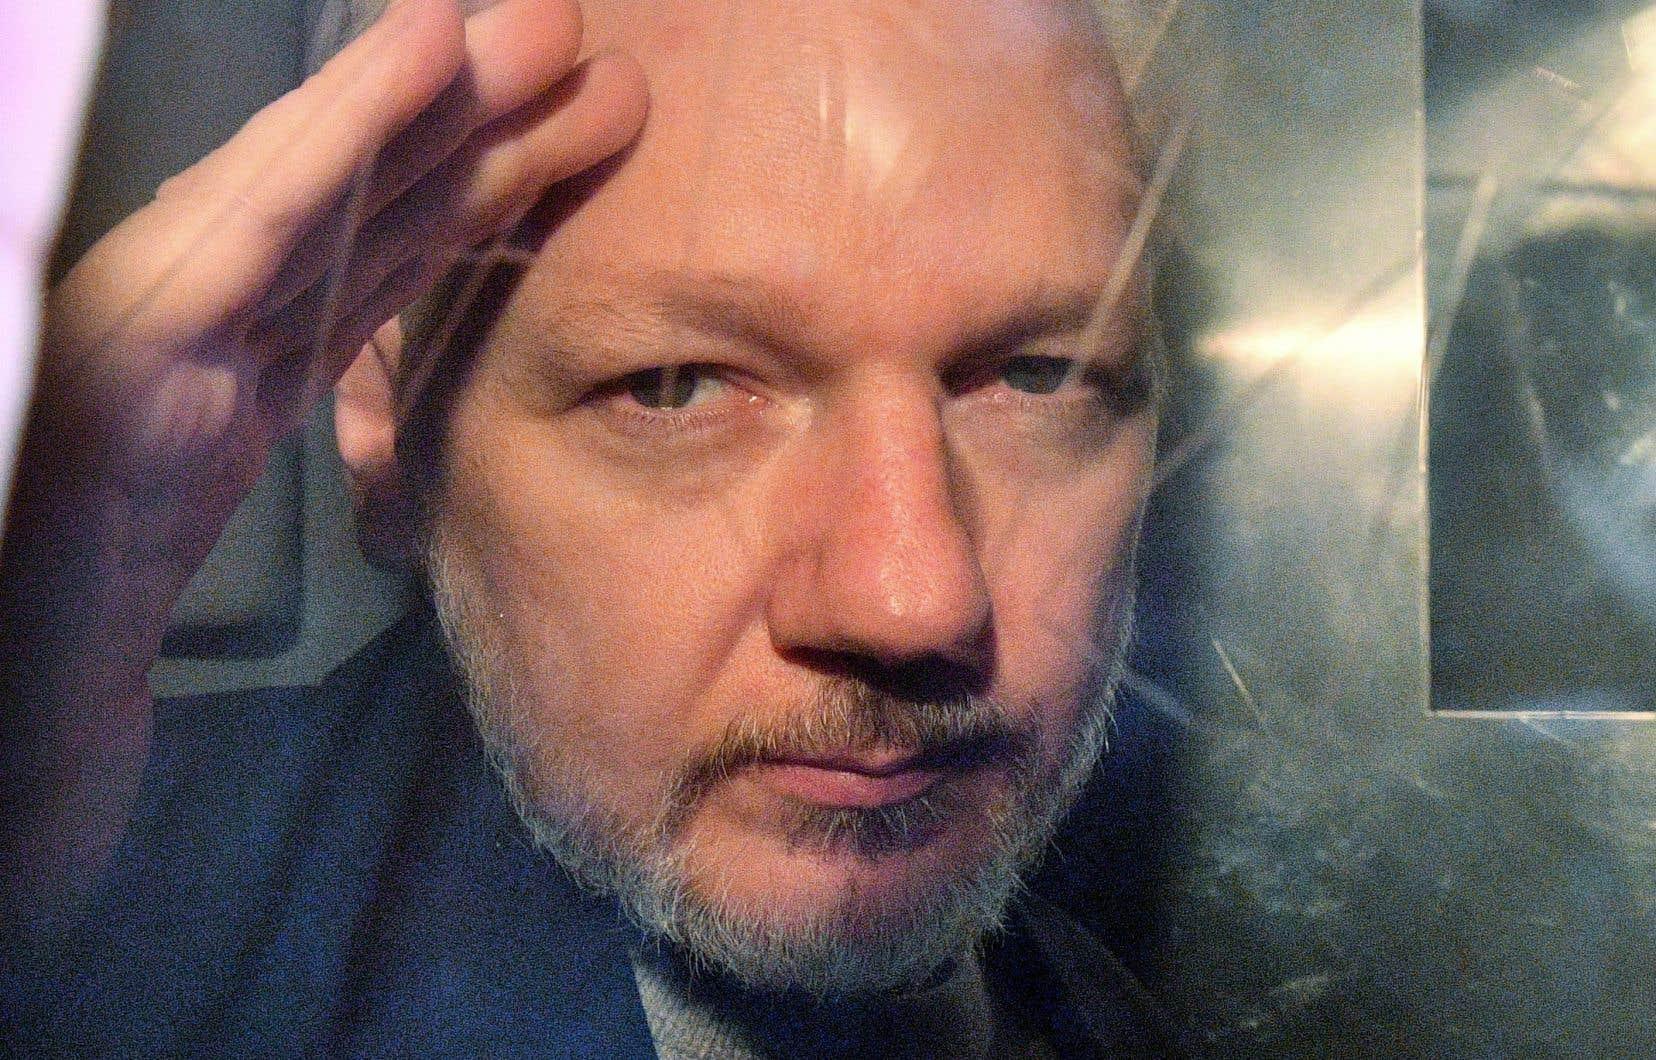 Le fondateur de WikiLeaks était accusé par une femme de l'avoir agressée en Suède en 2010.